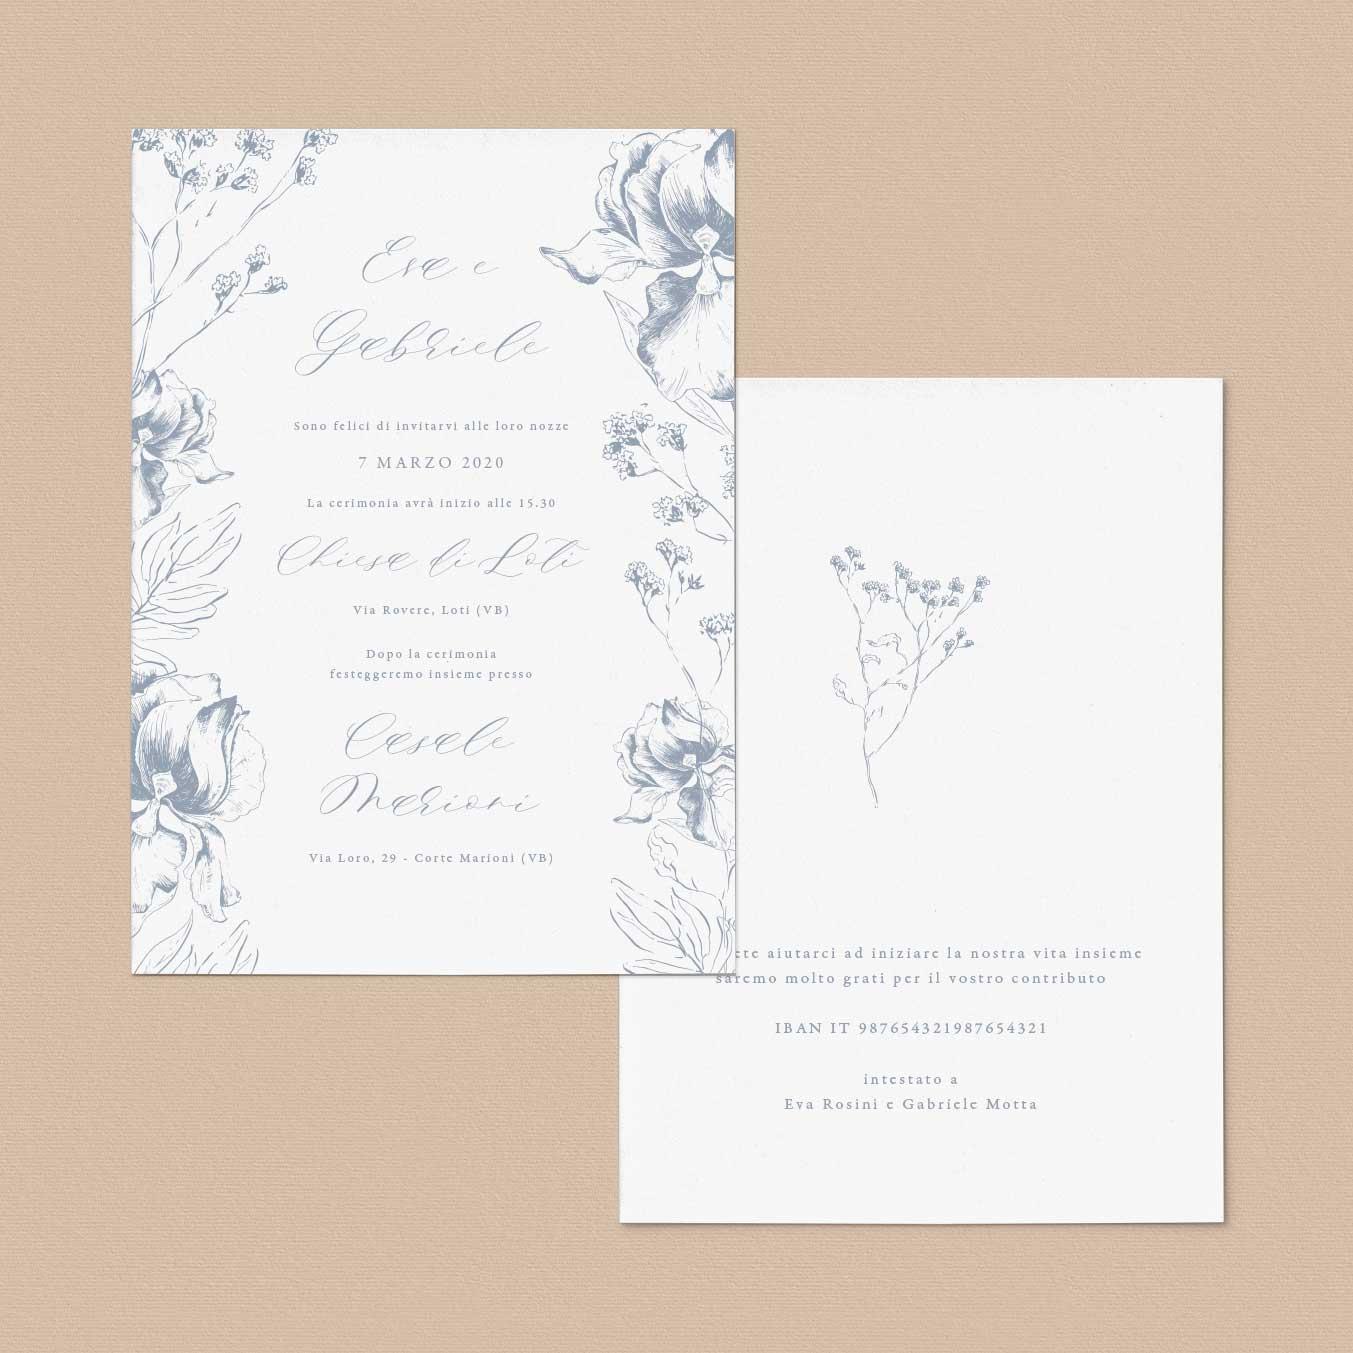 Partecipazioni-floreali-fiori-foglie-rustico-rustiche-inviti-matrimonio-nozze-eleganti-country-boho-chic-natura-natural-chic-elegant